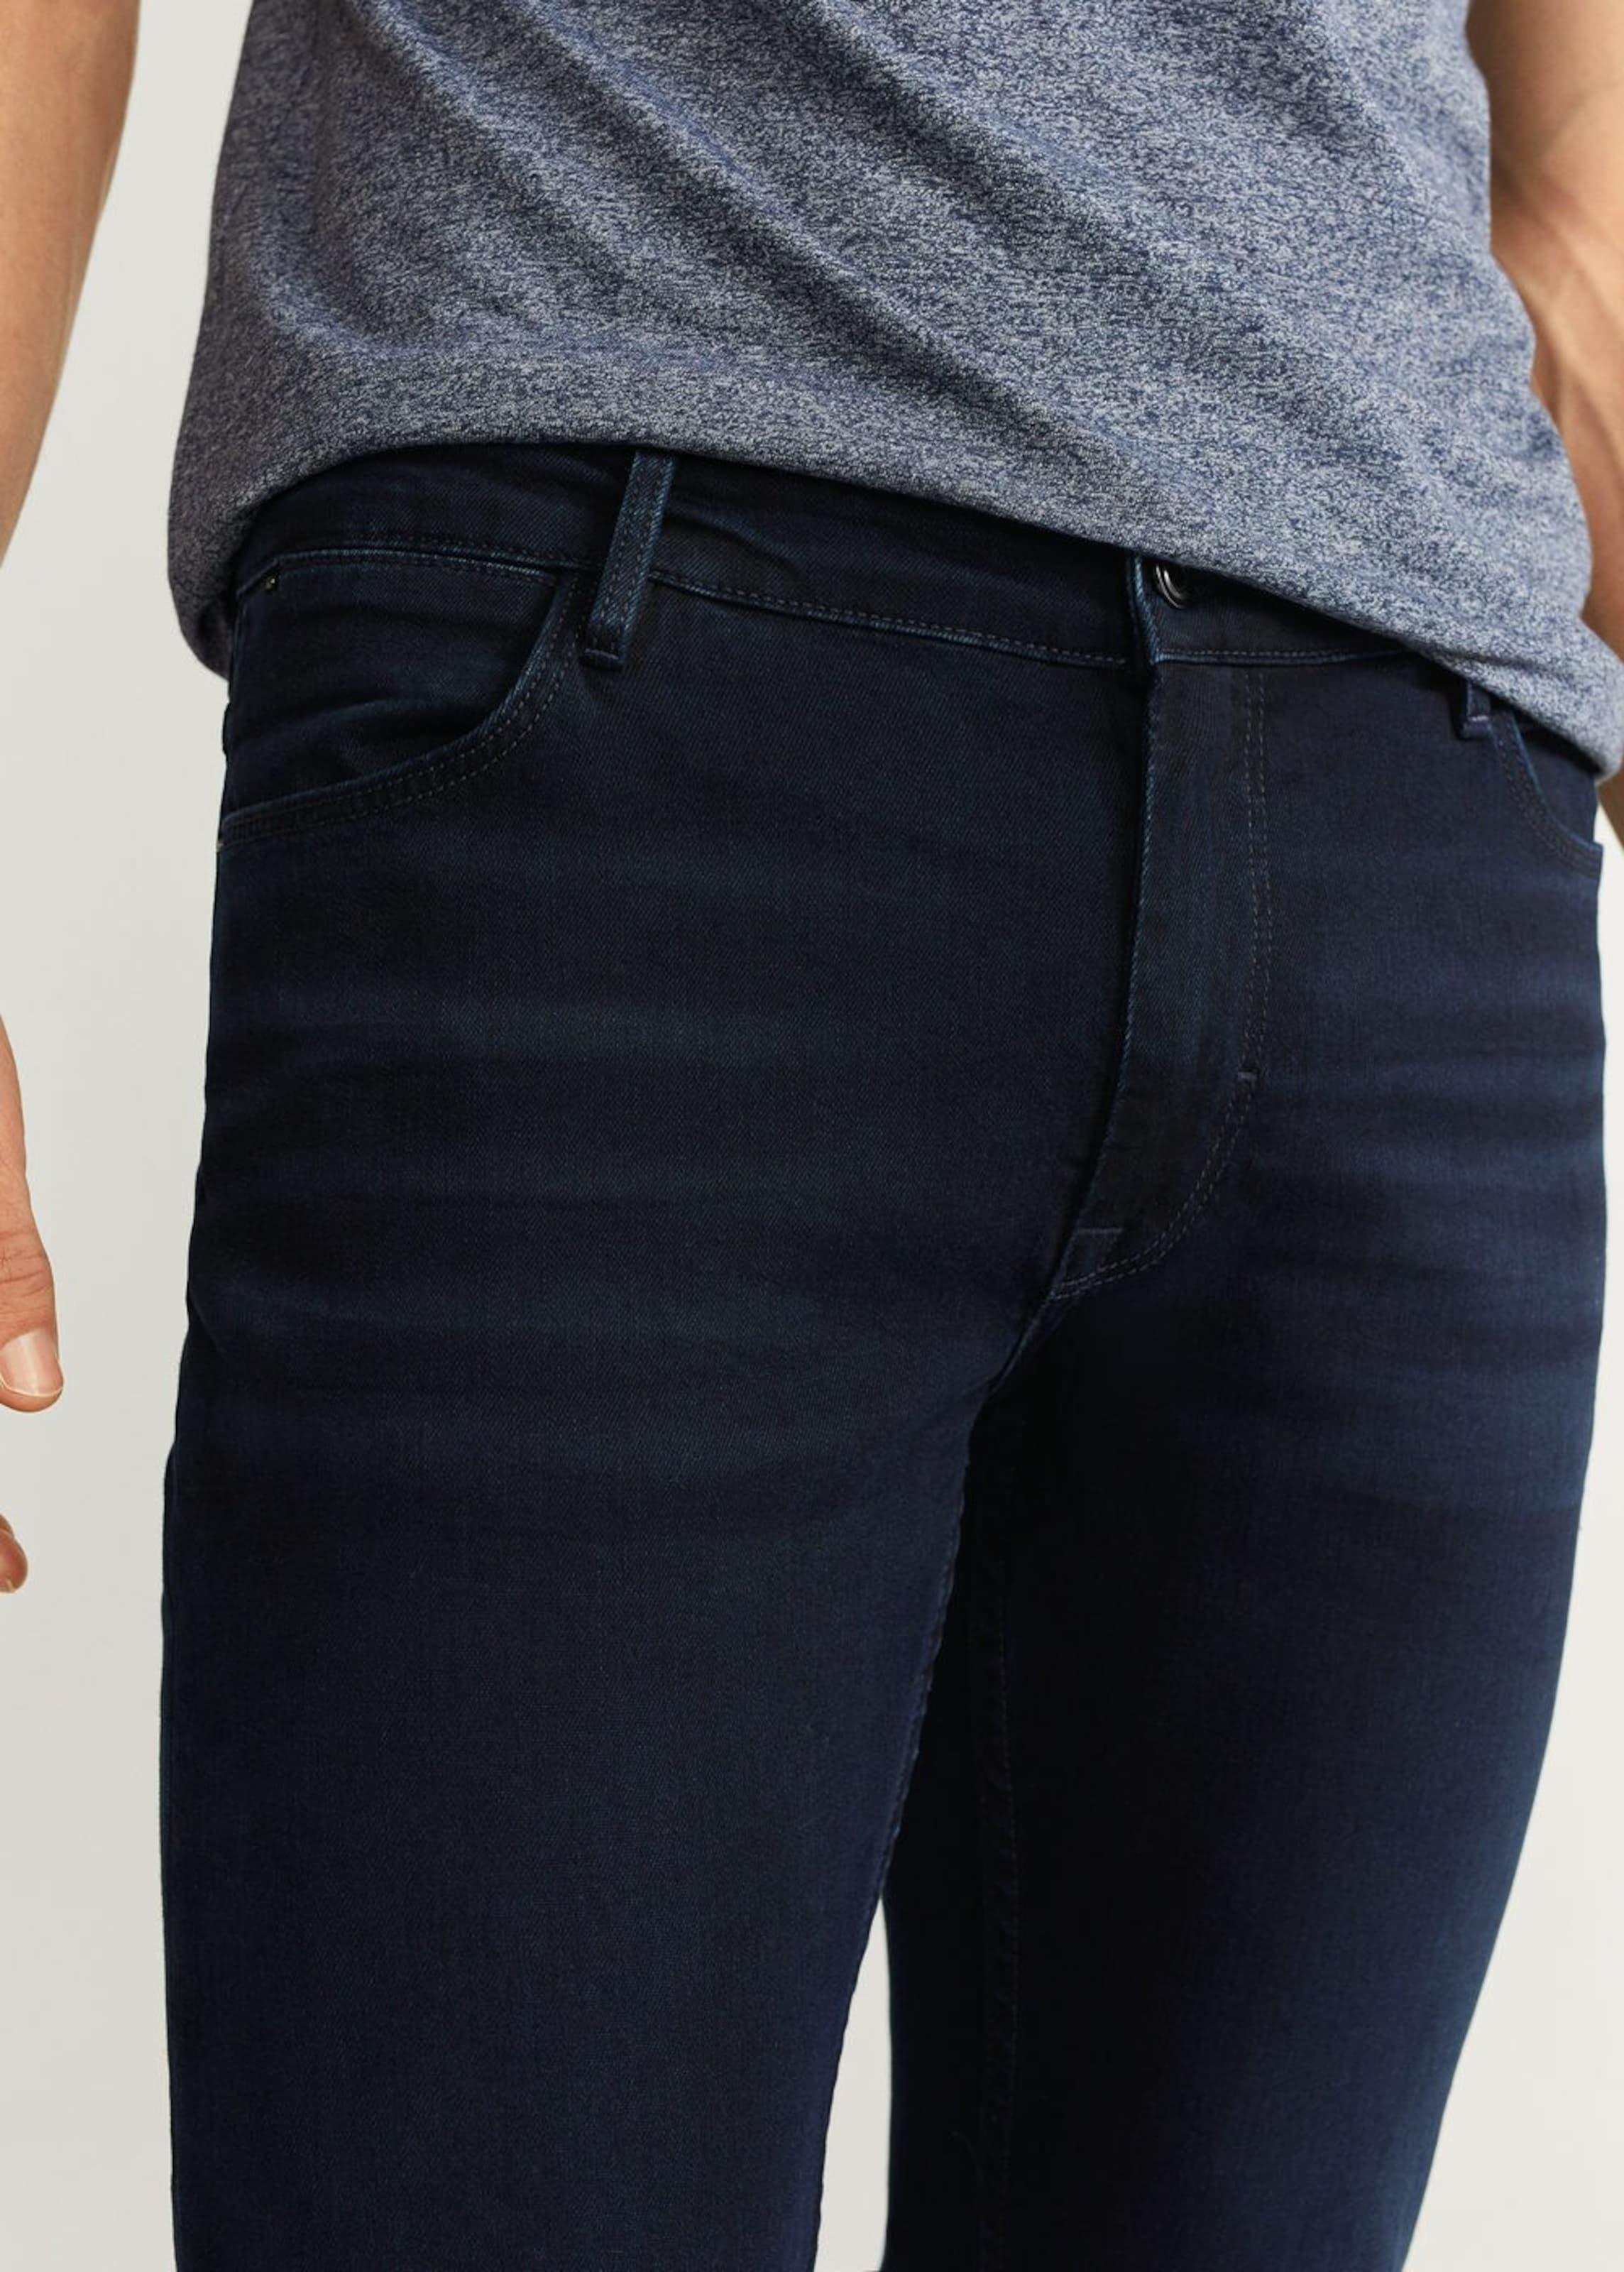 'patrick' Jeans In Man Mango Dunkelblau TFK1lcuJ3